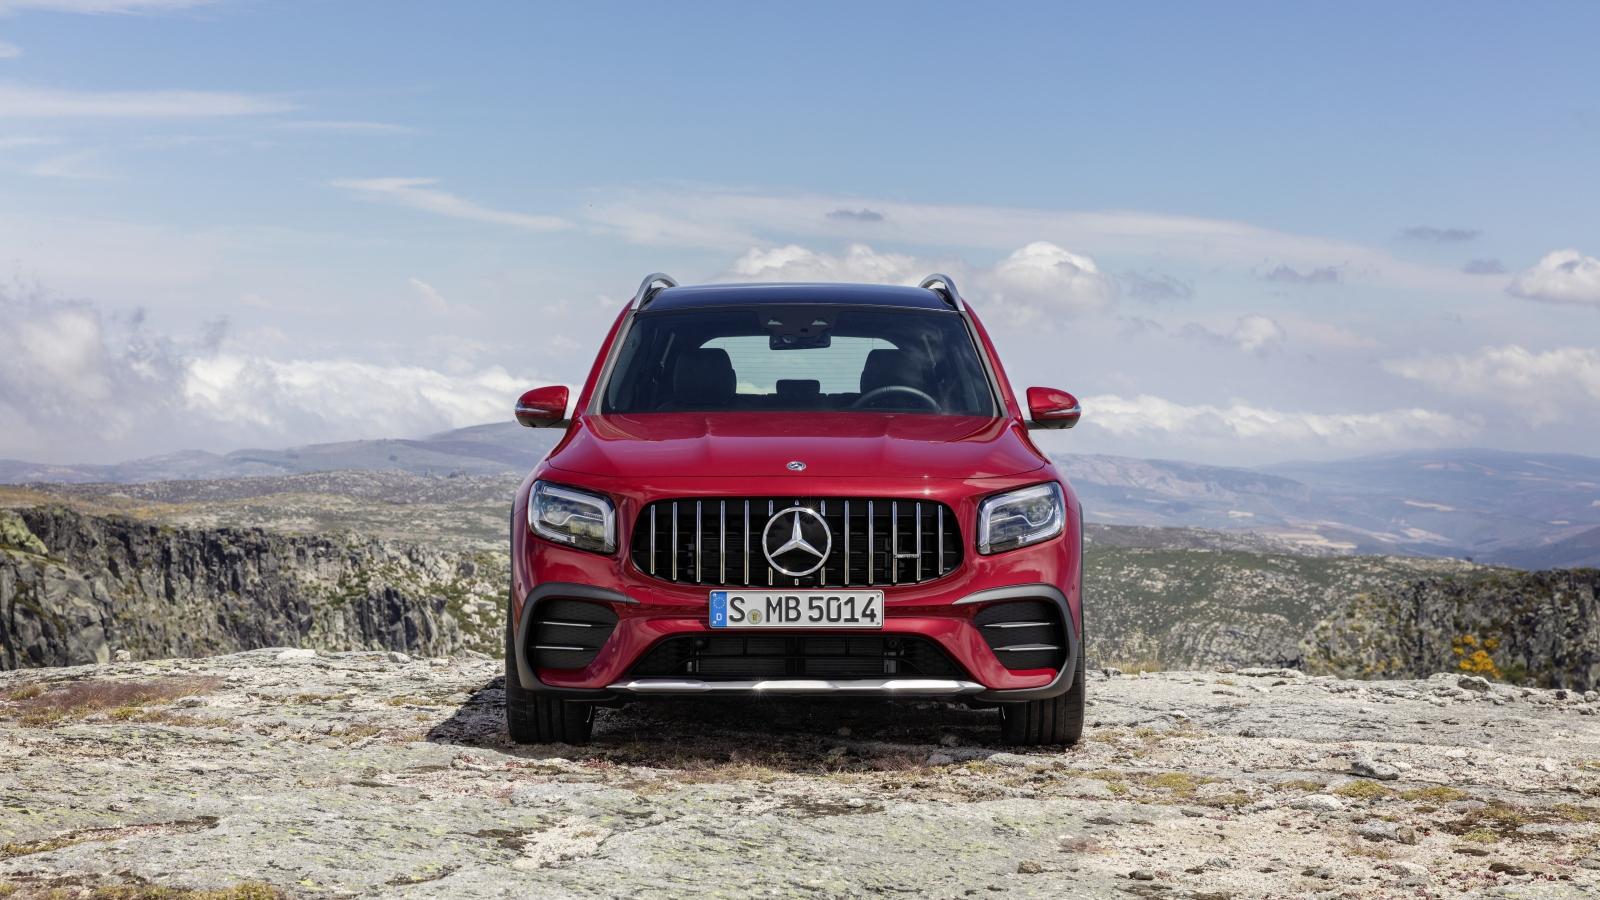 Ảnh chi tiết Mercedes-AMG GLB 35 4MATIC giá 2,69 tỷ đồng